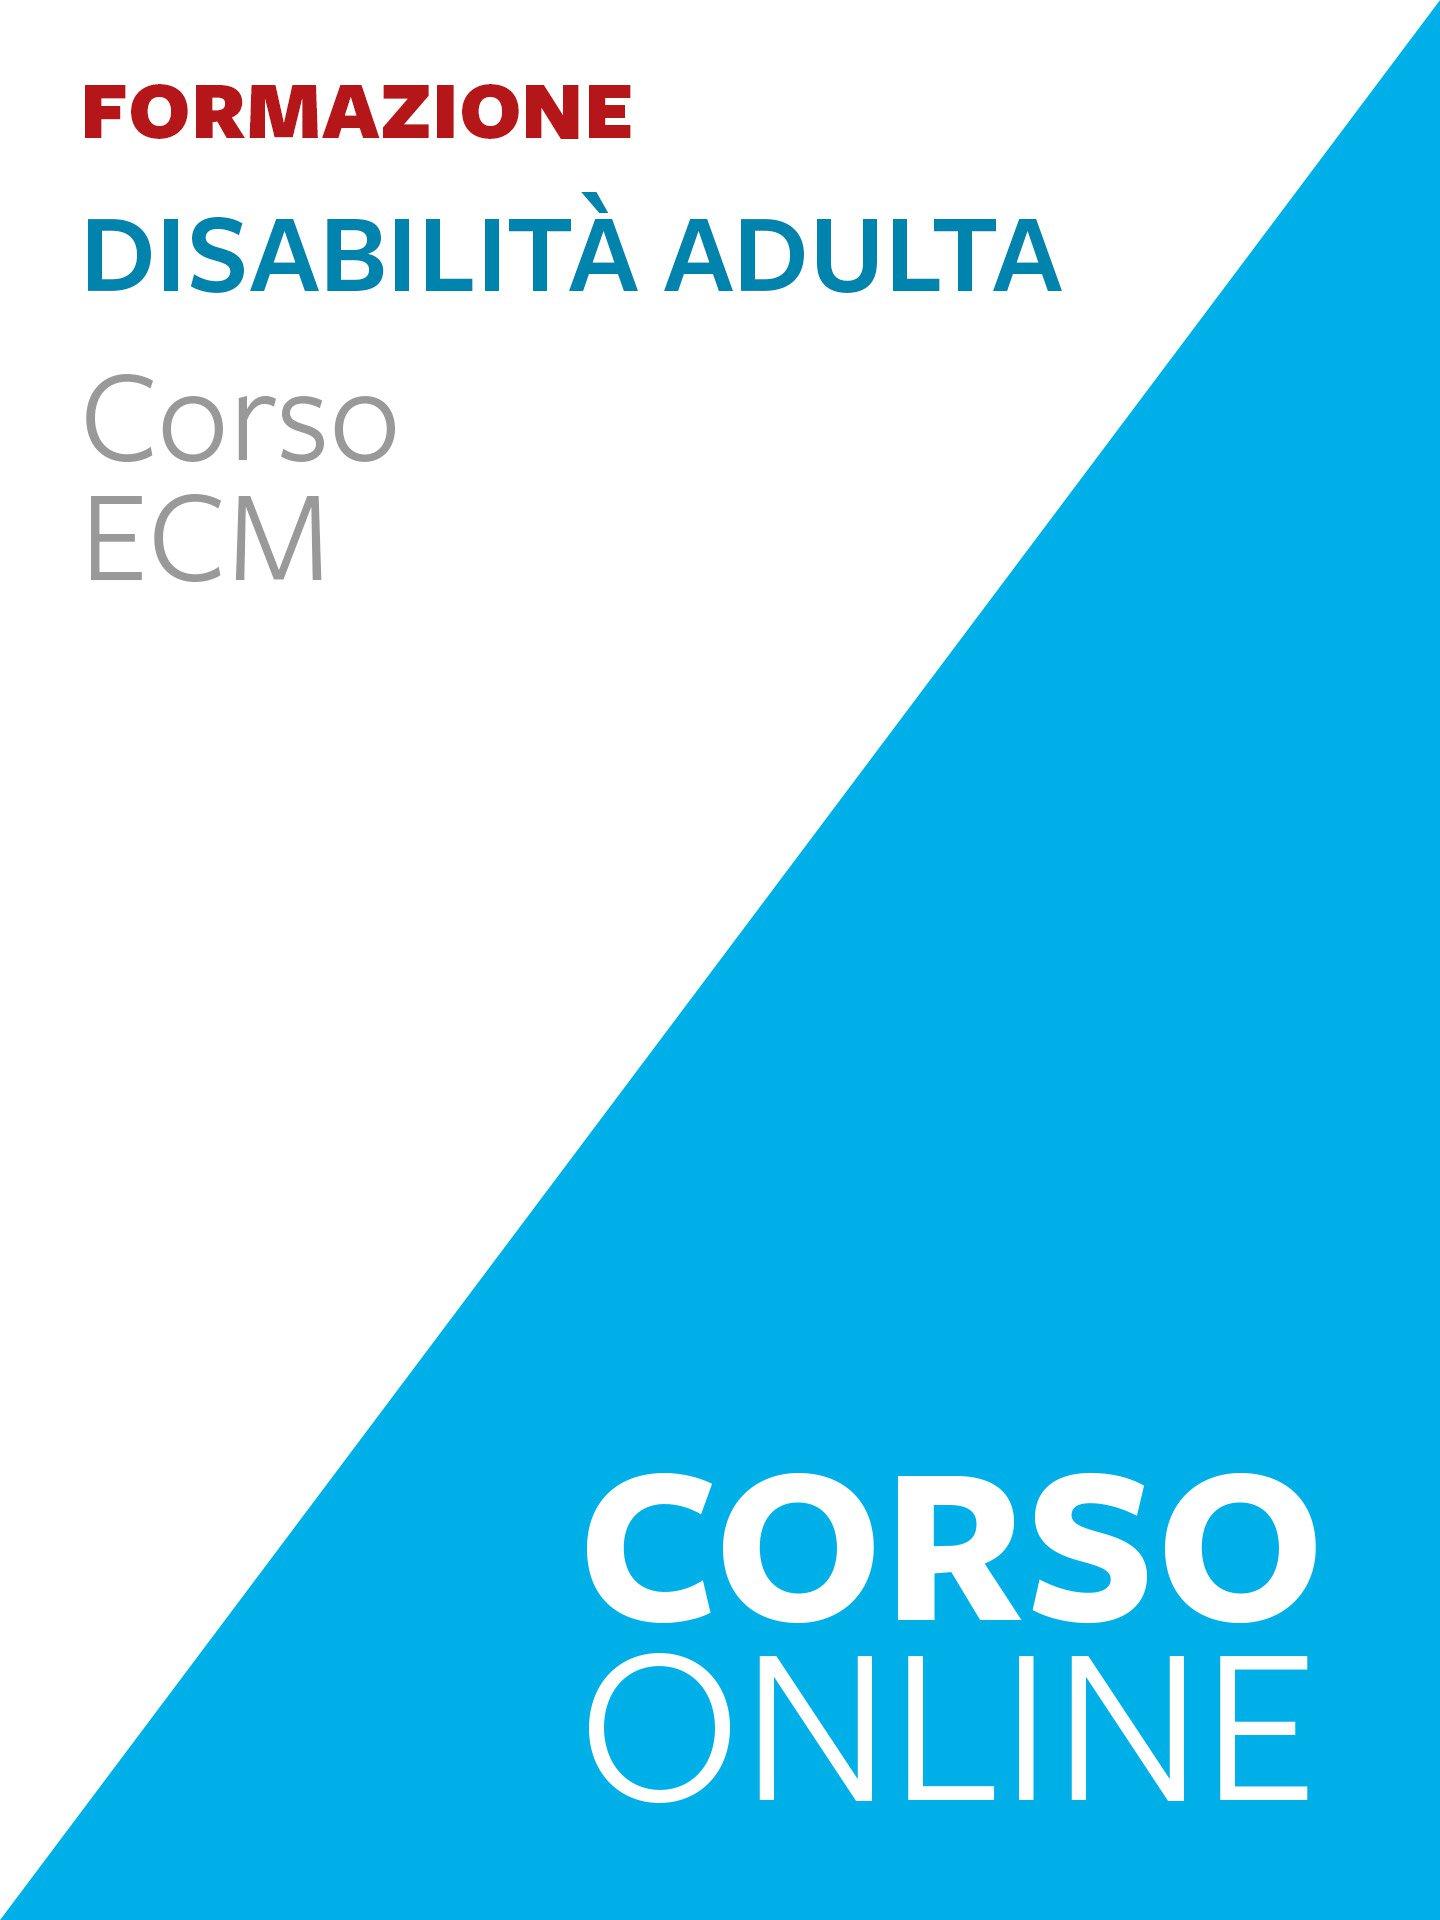 Disabilità adulta - corso ECM - Qualità di vita nella disabilità adulta - Libri - Erickson